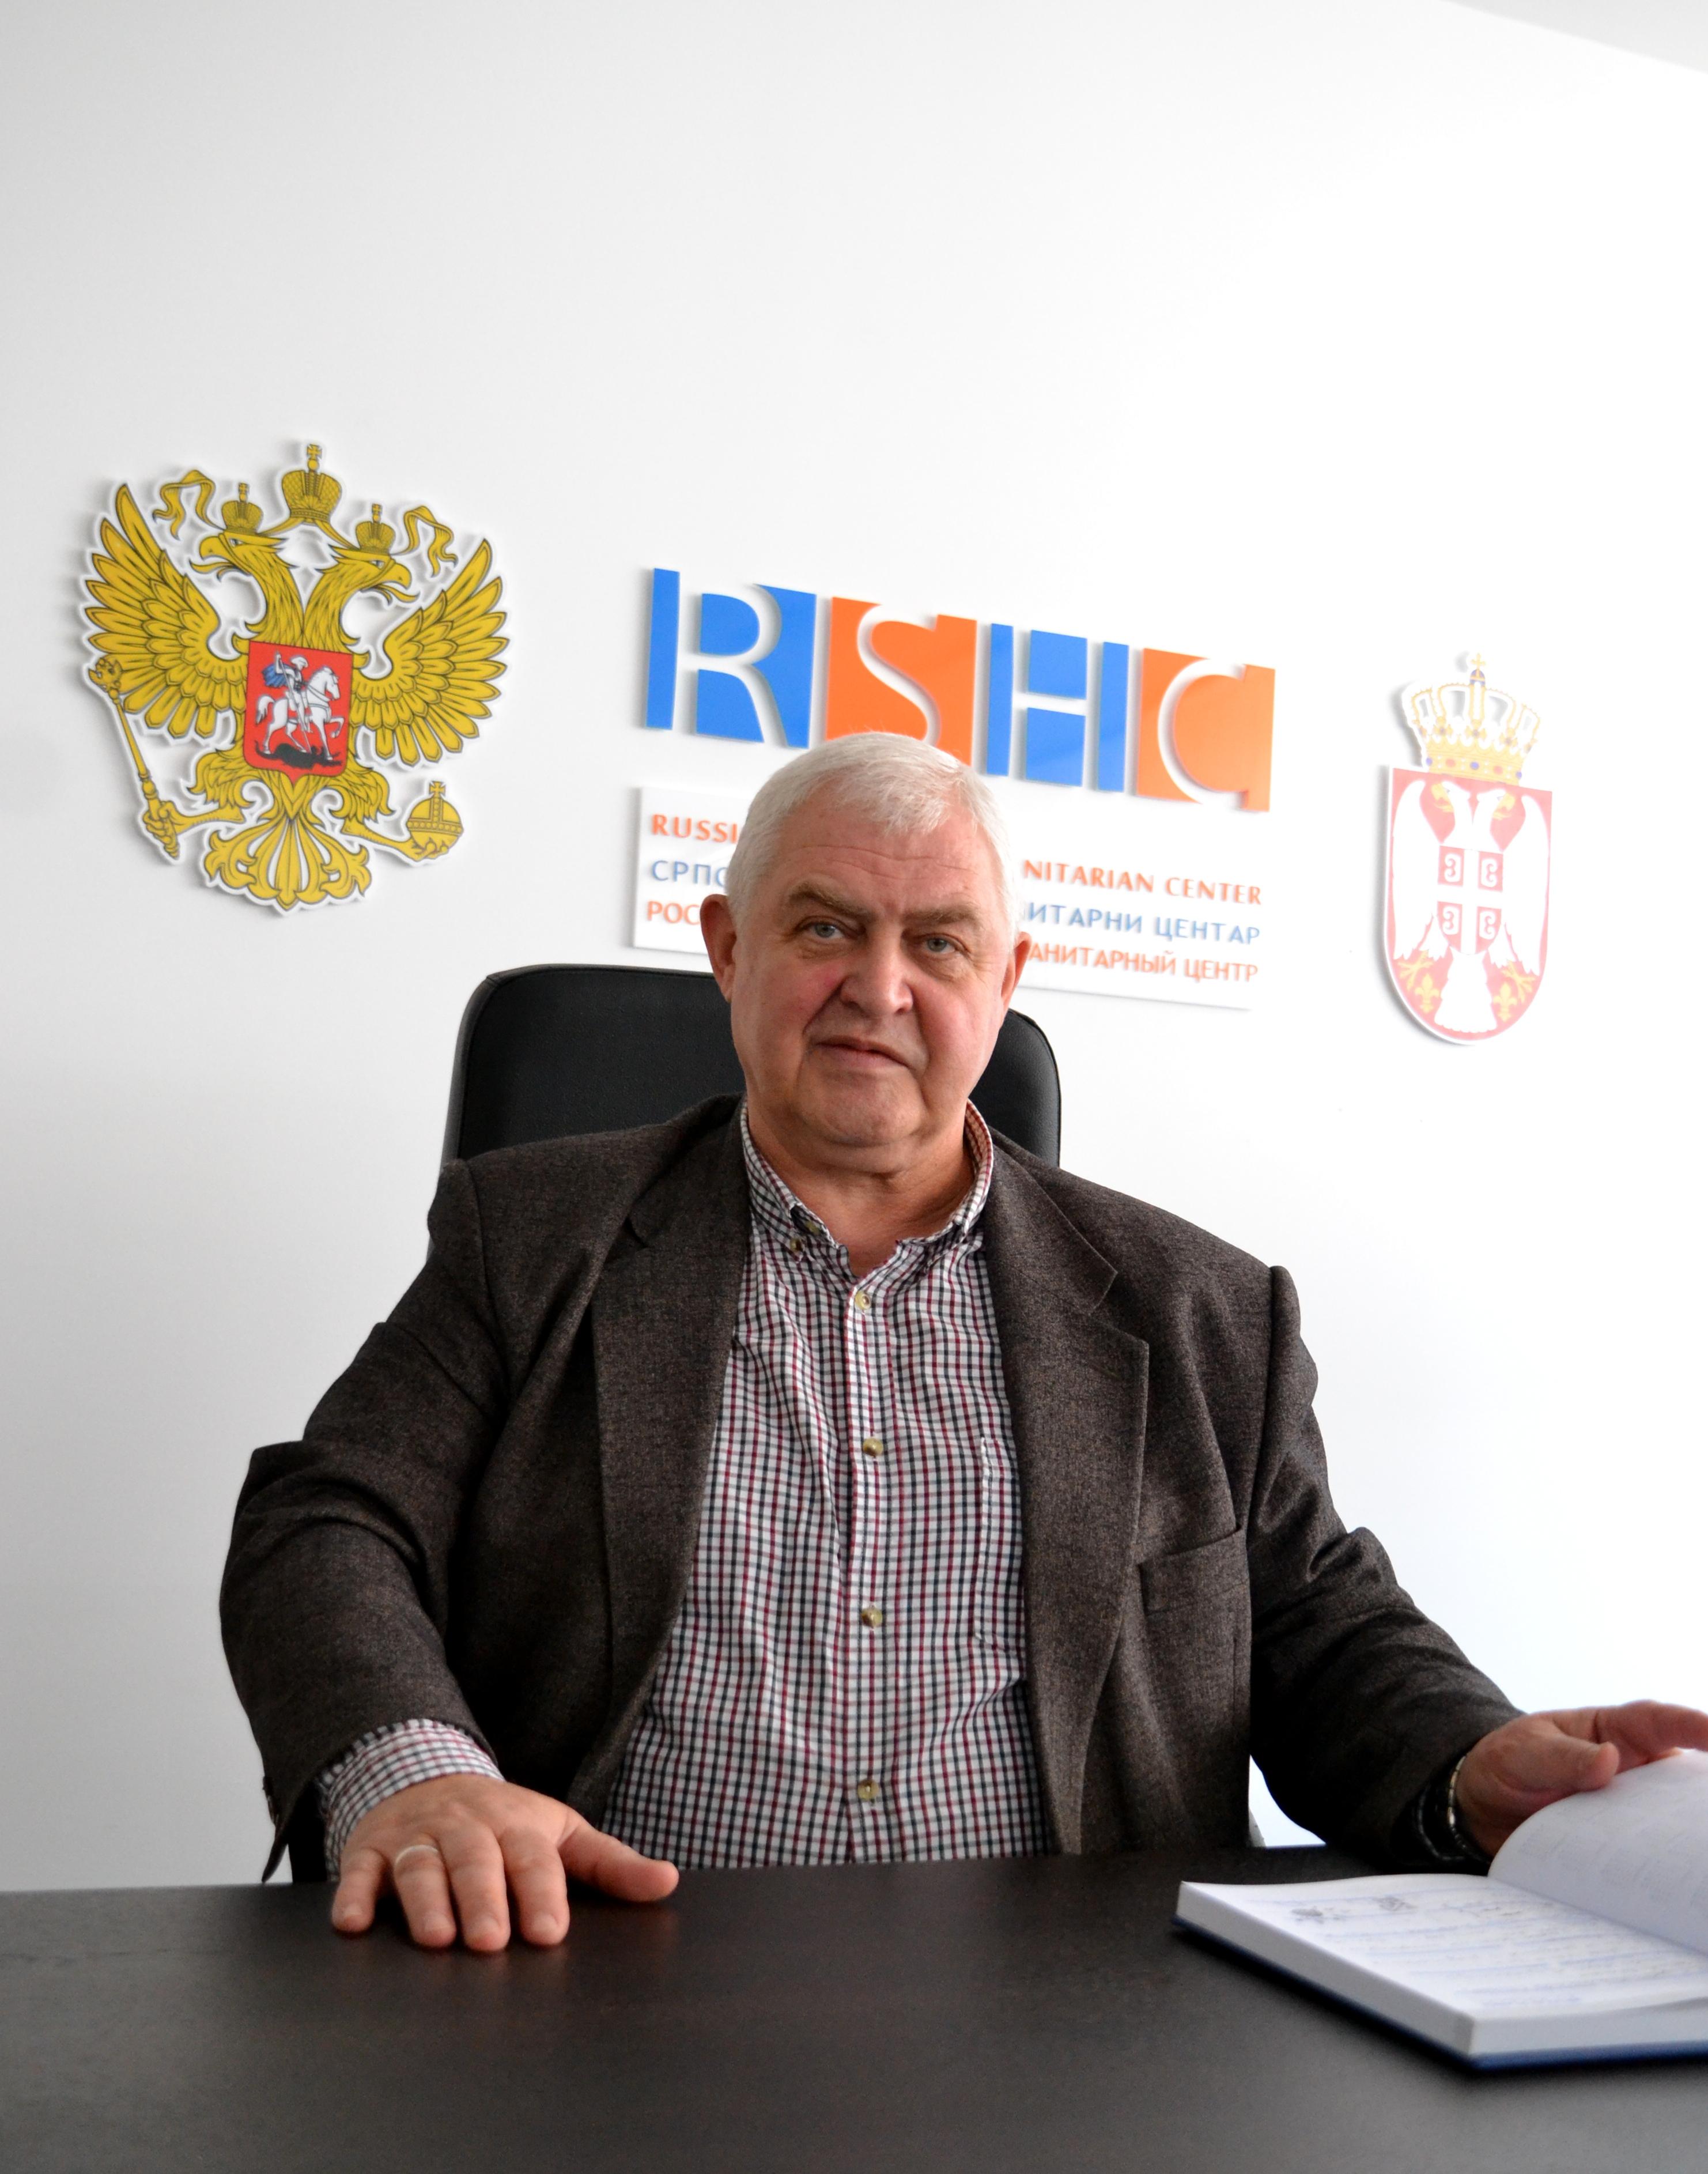 Вјачеслав Власенко, заменик директора Руско-српског хуманитараног центра (фотографија: Алина Јаблочкина)